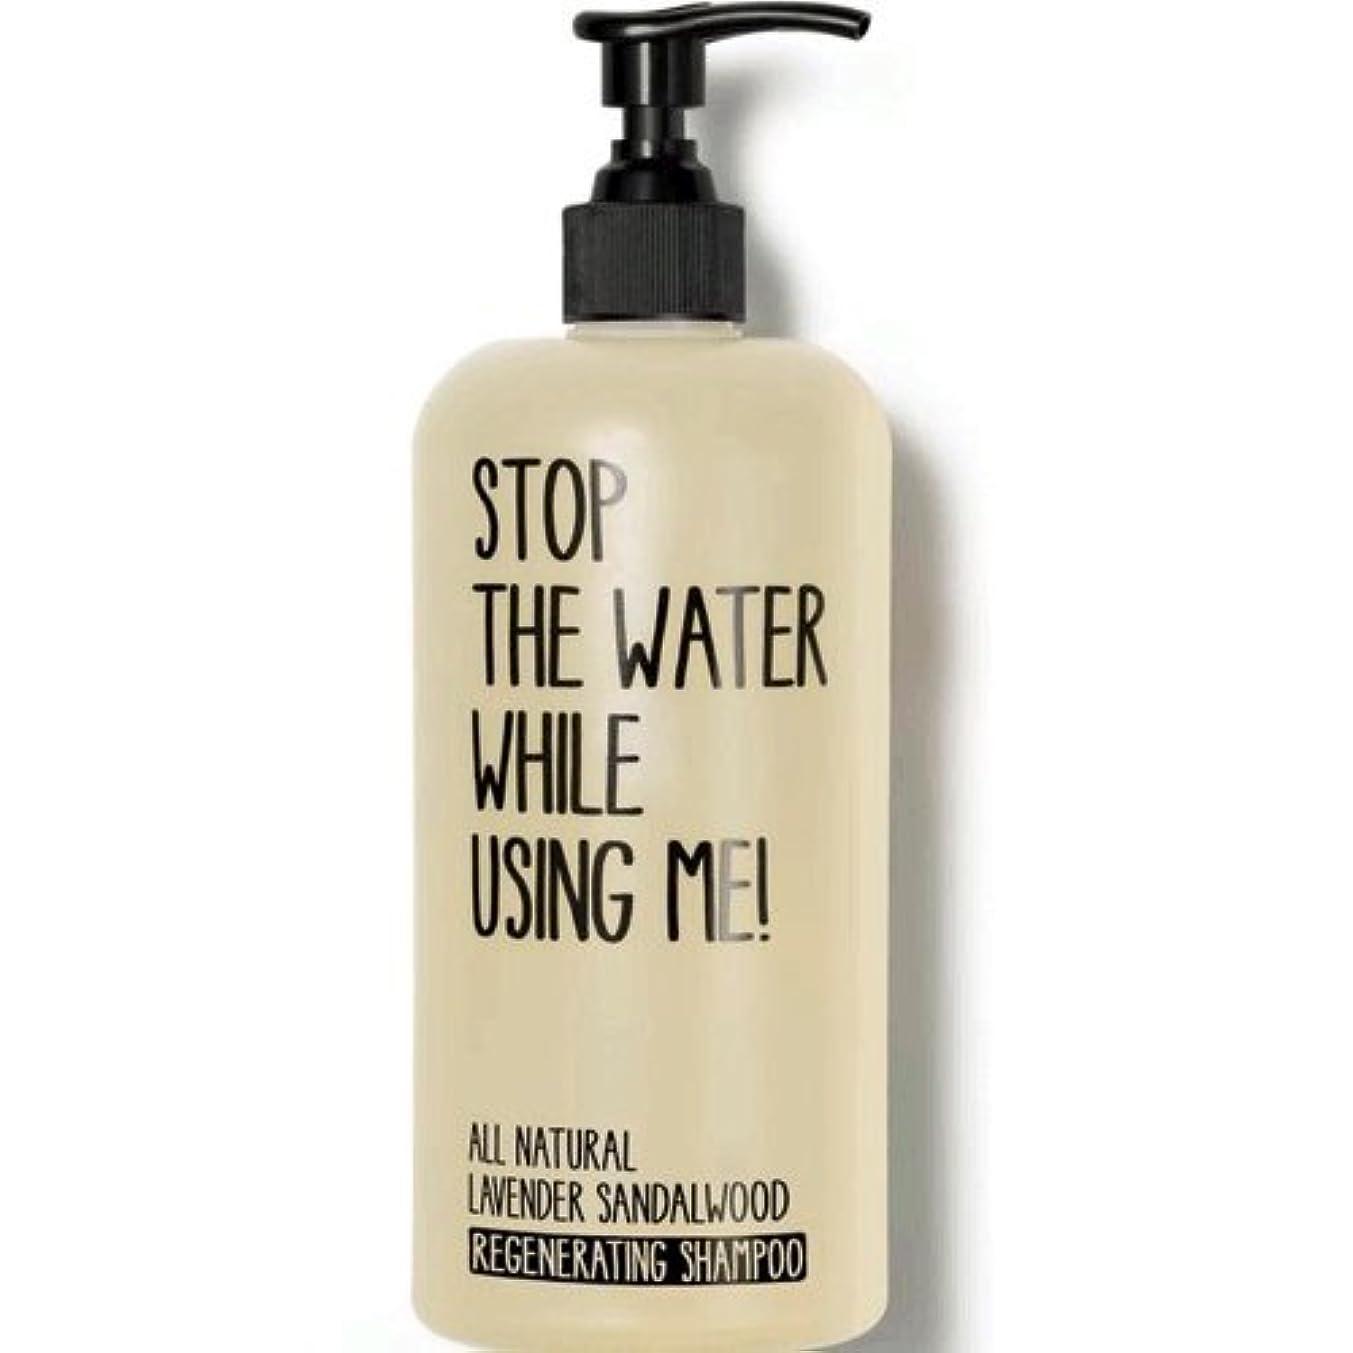 放散する制限する裁判所【STOP THE WATER WHILE USING ME!】L&Sシャンプー(ラベンダー&サンダルウッド) 500ml [並行輸入品]